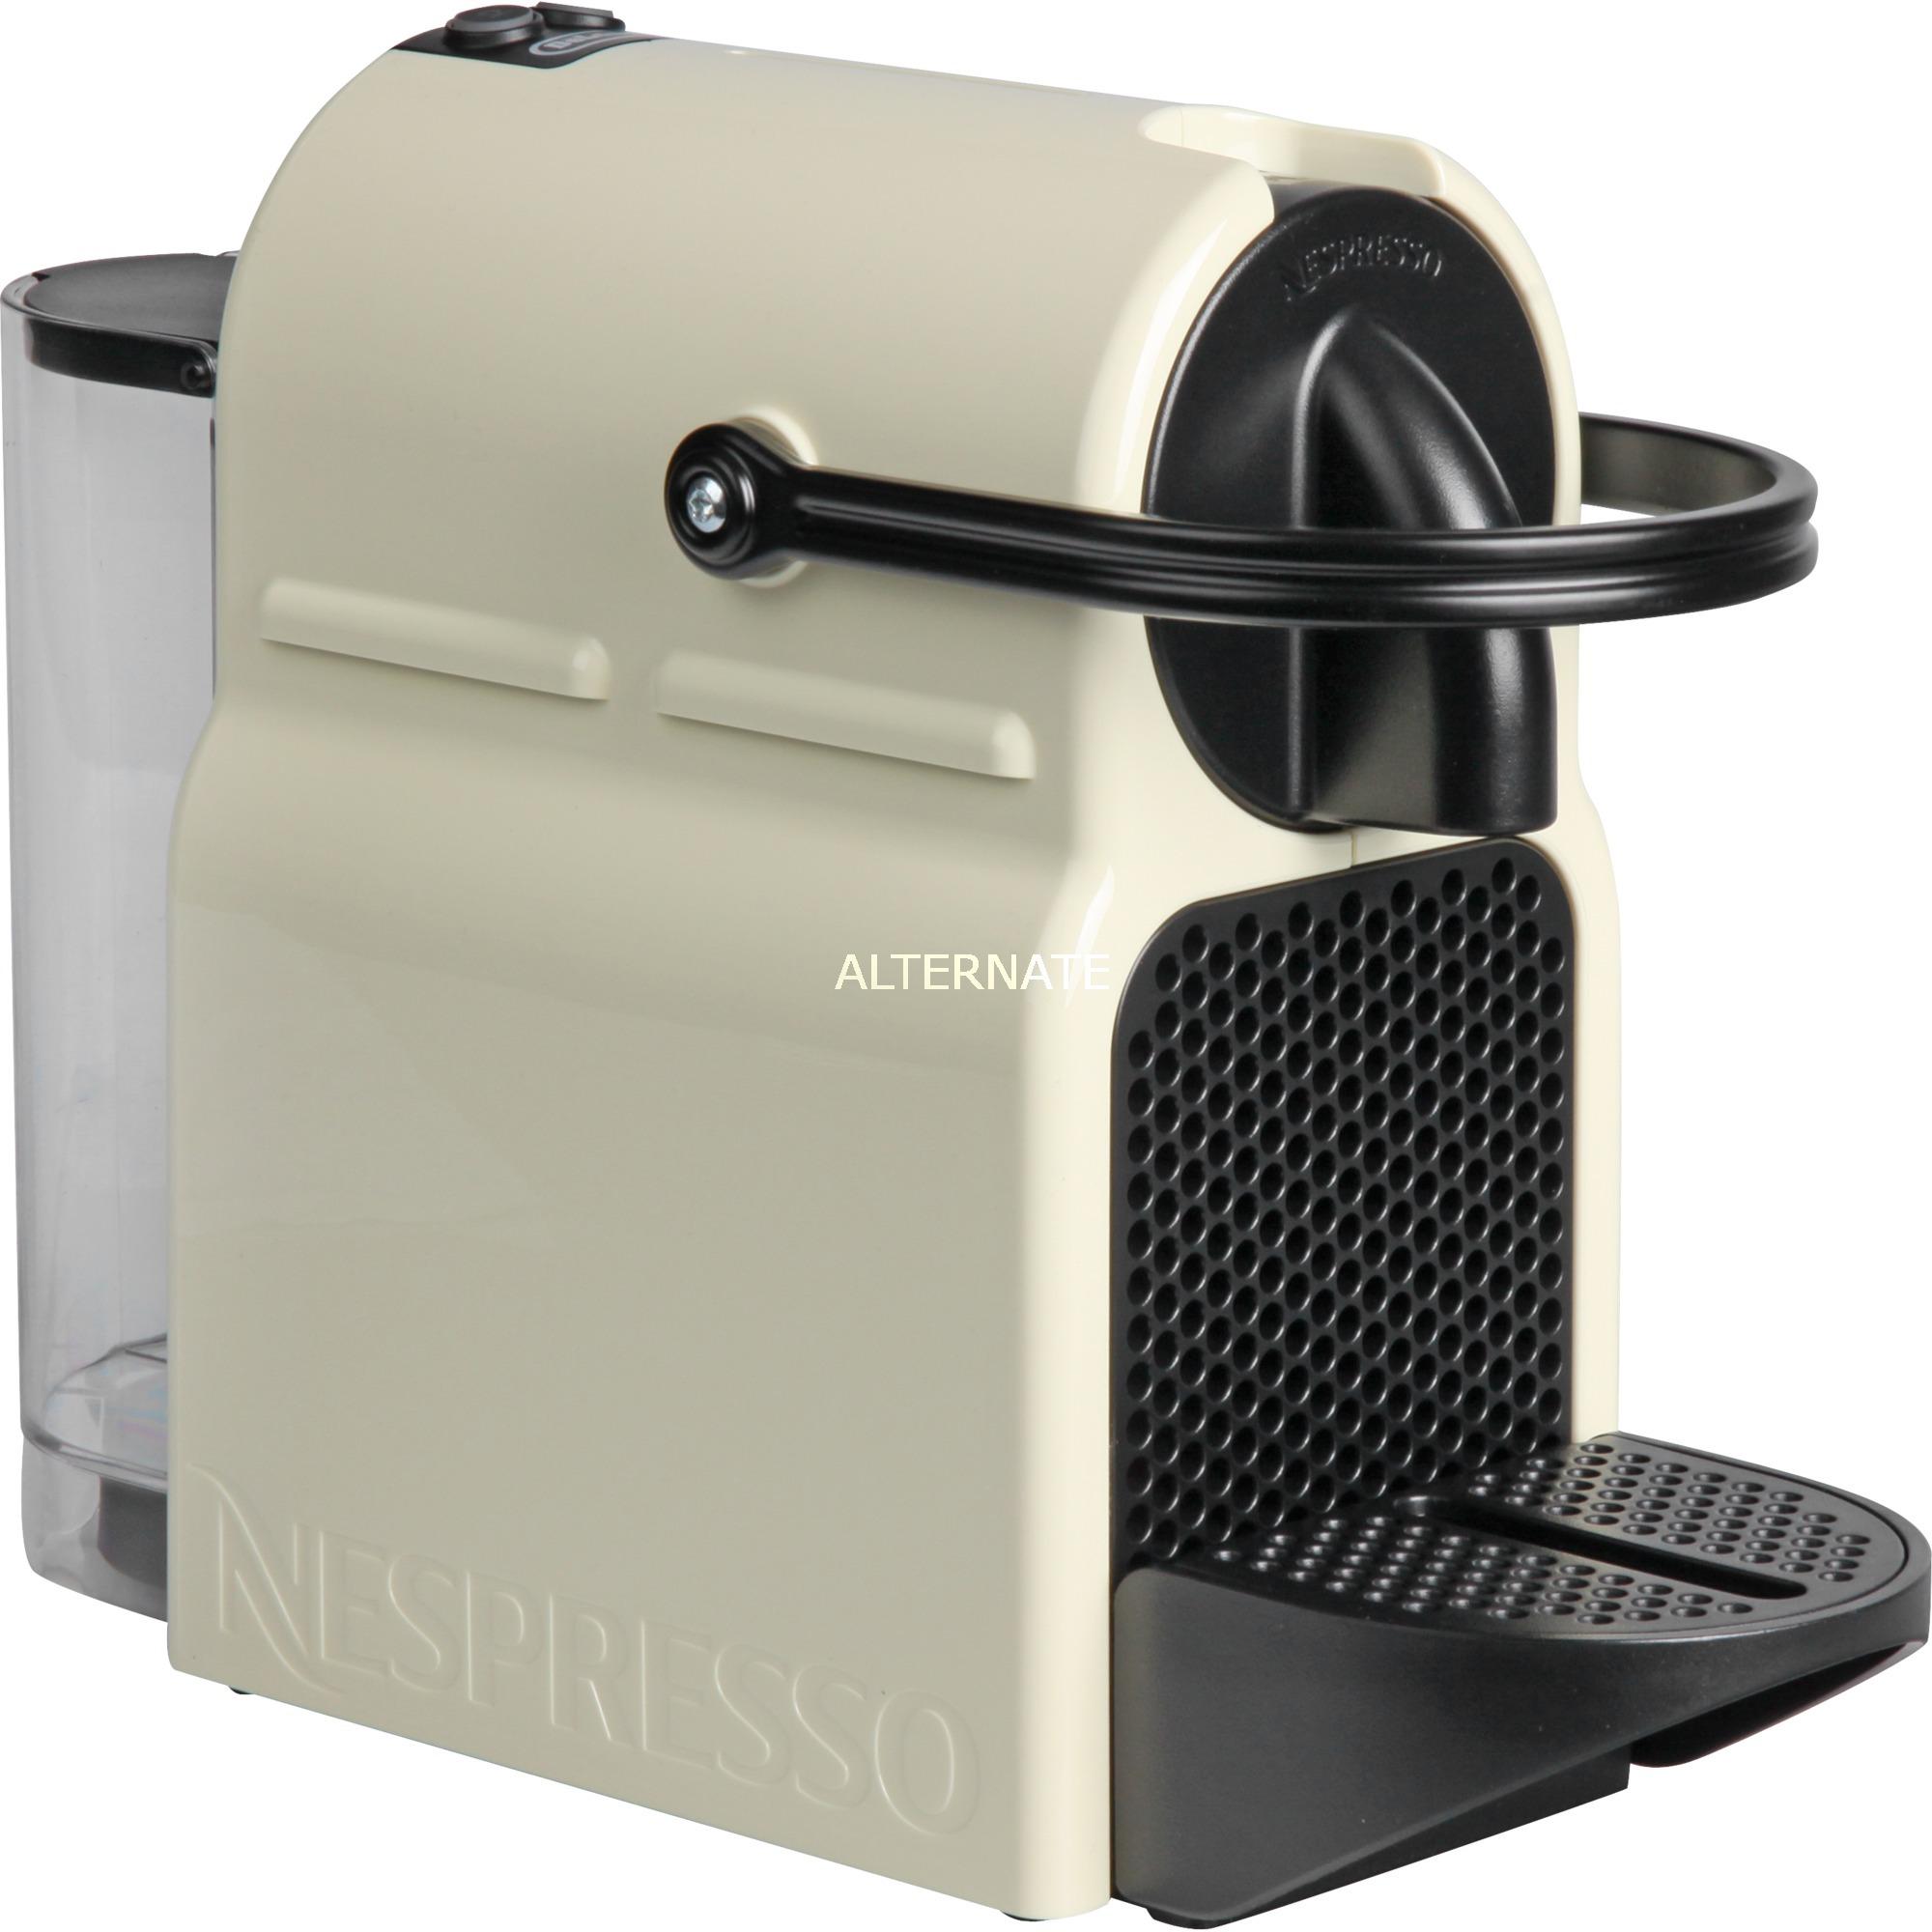 en80cw-fritstaaende-semi-auto-kapsel-kaffemaskine-08l-10kopper-cremefarvet-kaffemaskine-kapsel-maskine